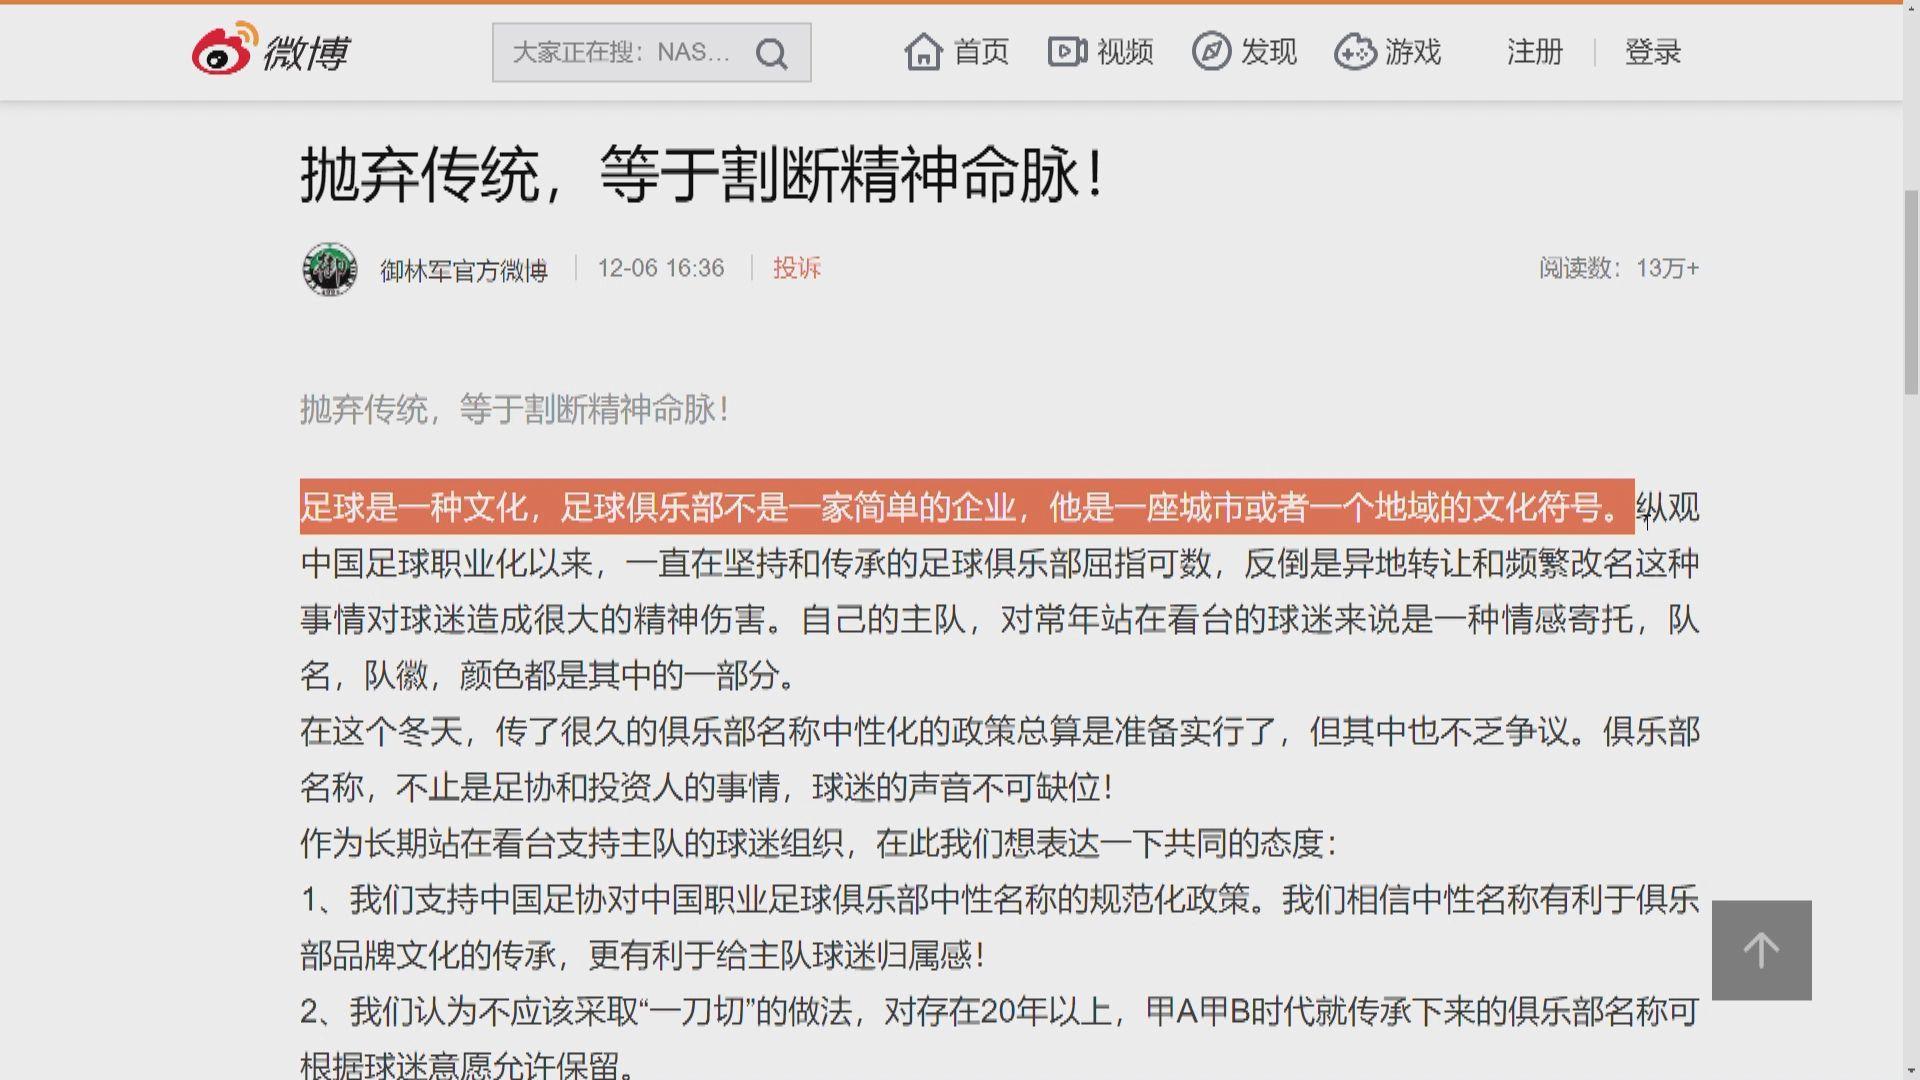 中超明年落實隊名中性化政策 球迷批損害足球文化傳承